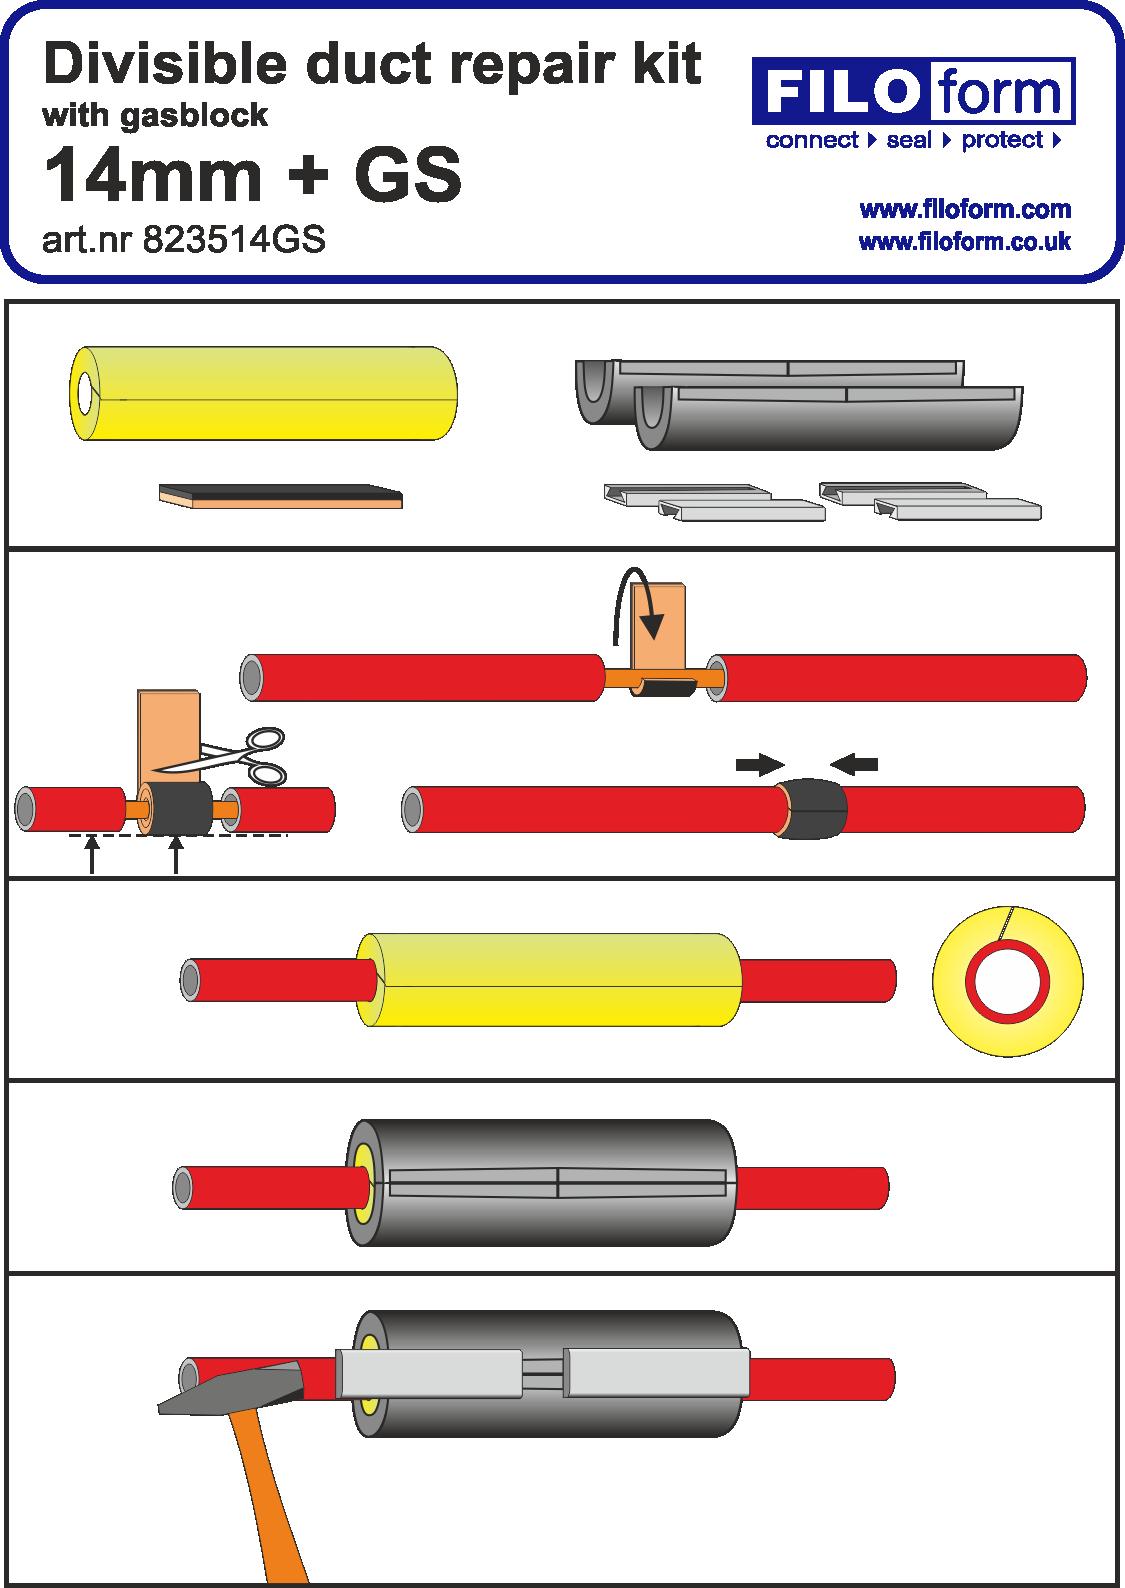 repair kit + GS